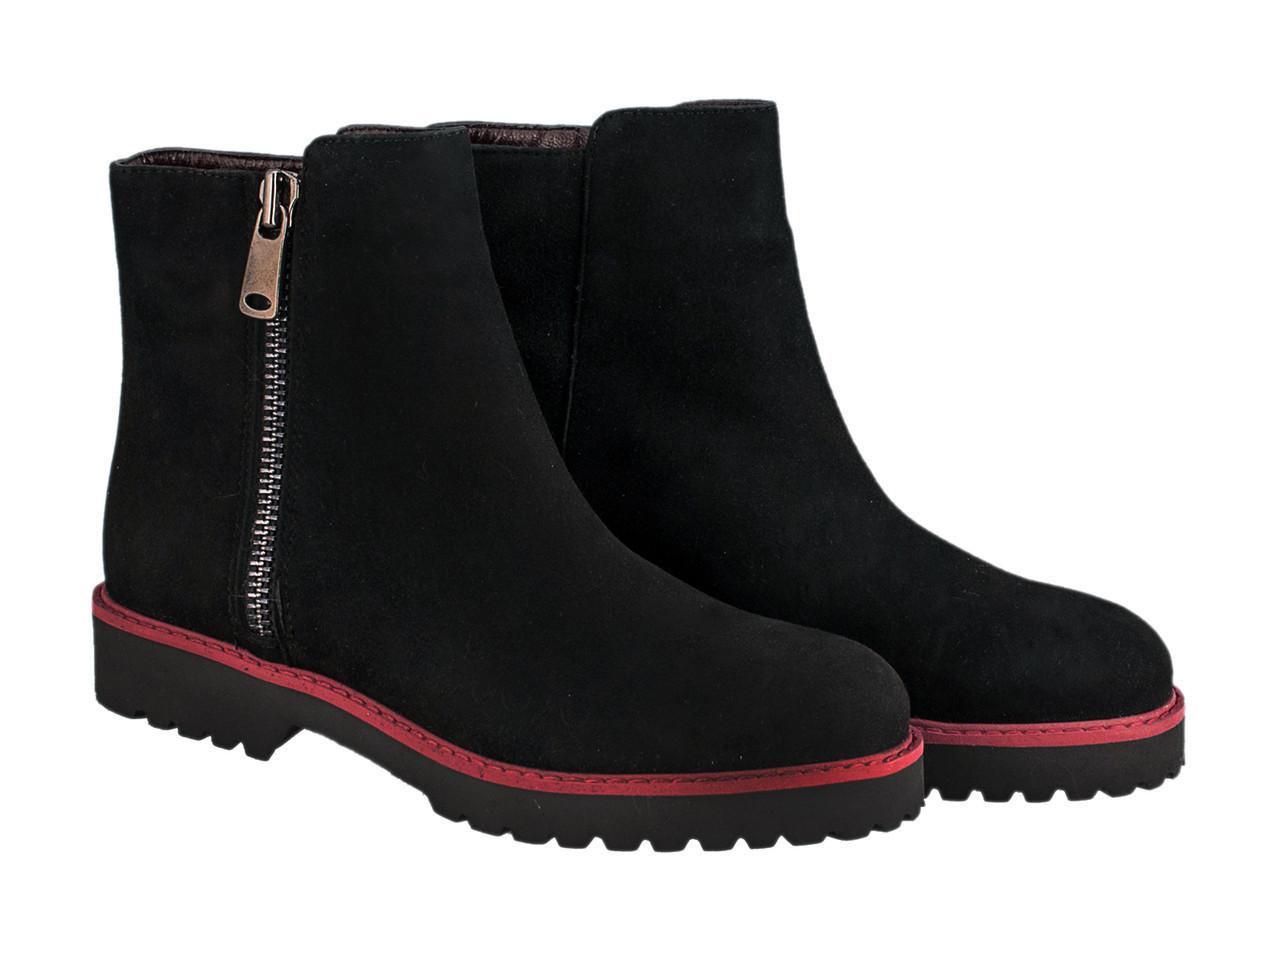 Ботинки Etor 5626-08421 39 черные